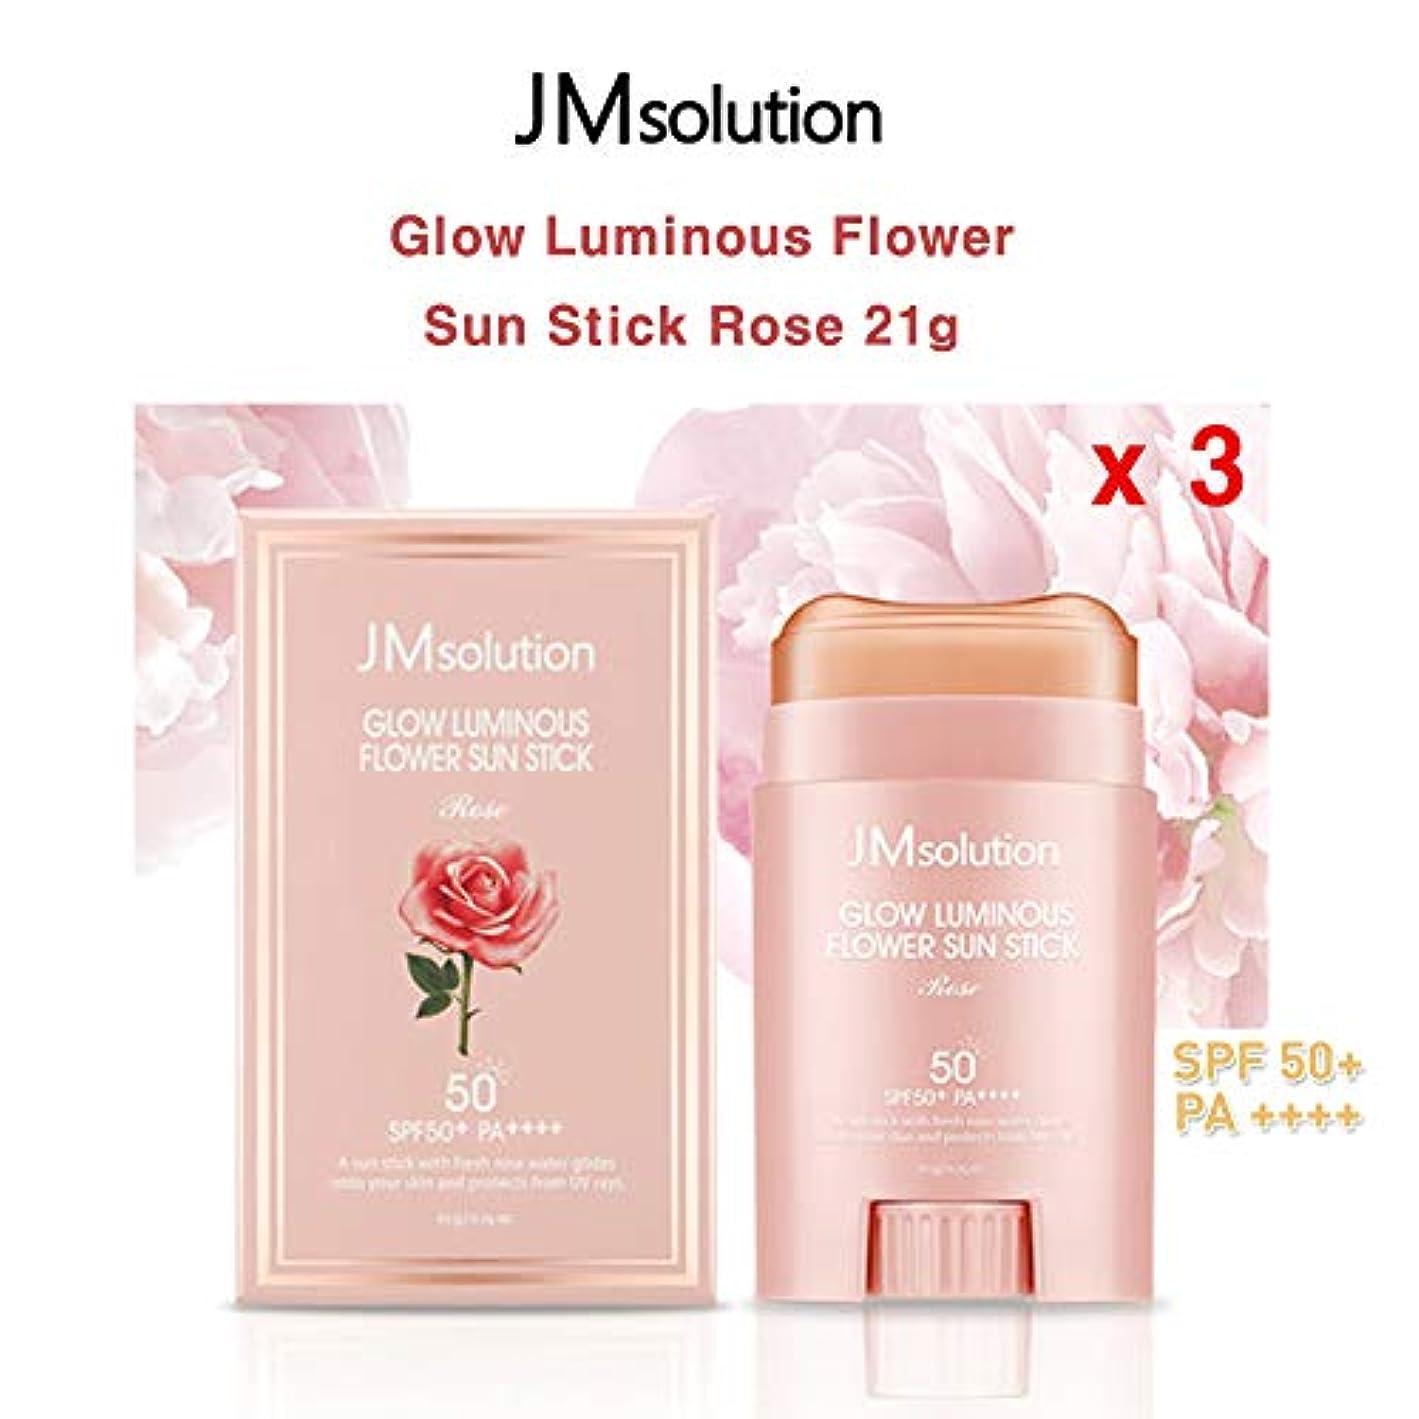 分析大きさ医薬JM Solution ★1+1+1★ Glow Luminous Flower Sun Stick Rose 21g (spf50 PA) 光る輝く花Sun Stick Rose